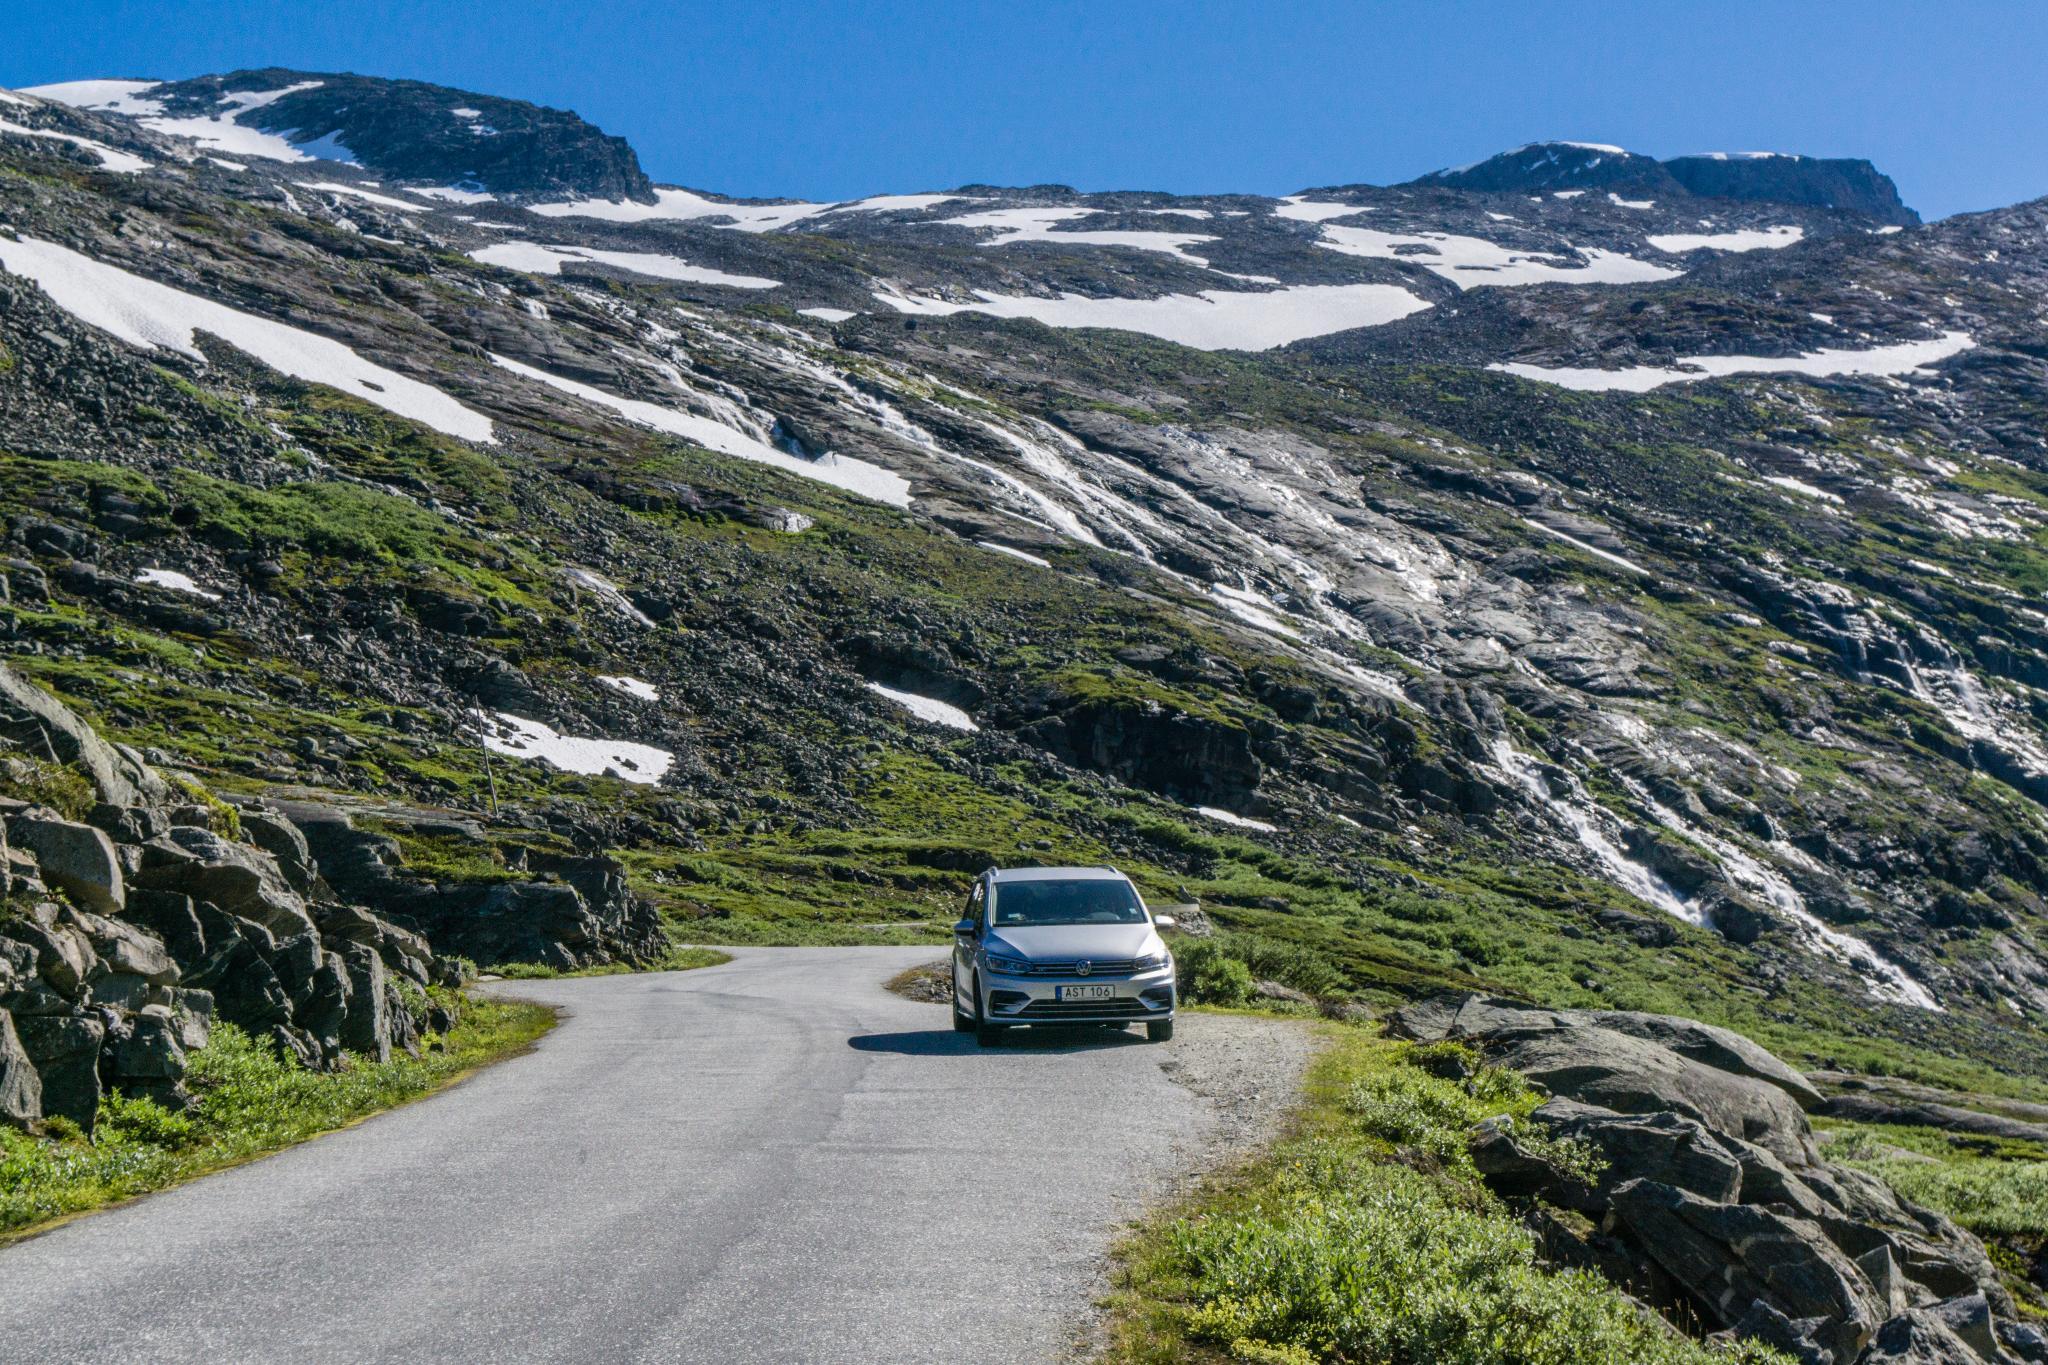 【北歐景點】朝聖歐洲大陸最大的冰河 - 挪威約詩達特冰河國家公園 (Jostedalsbreen National Park) 15